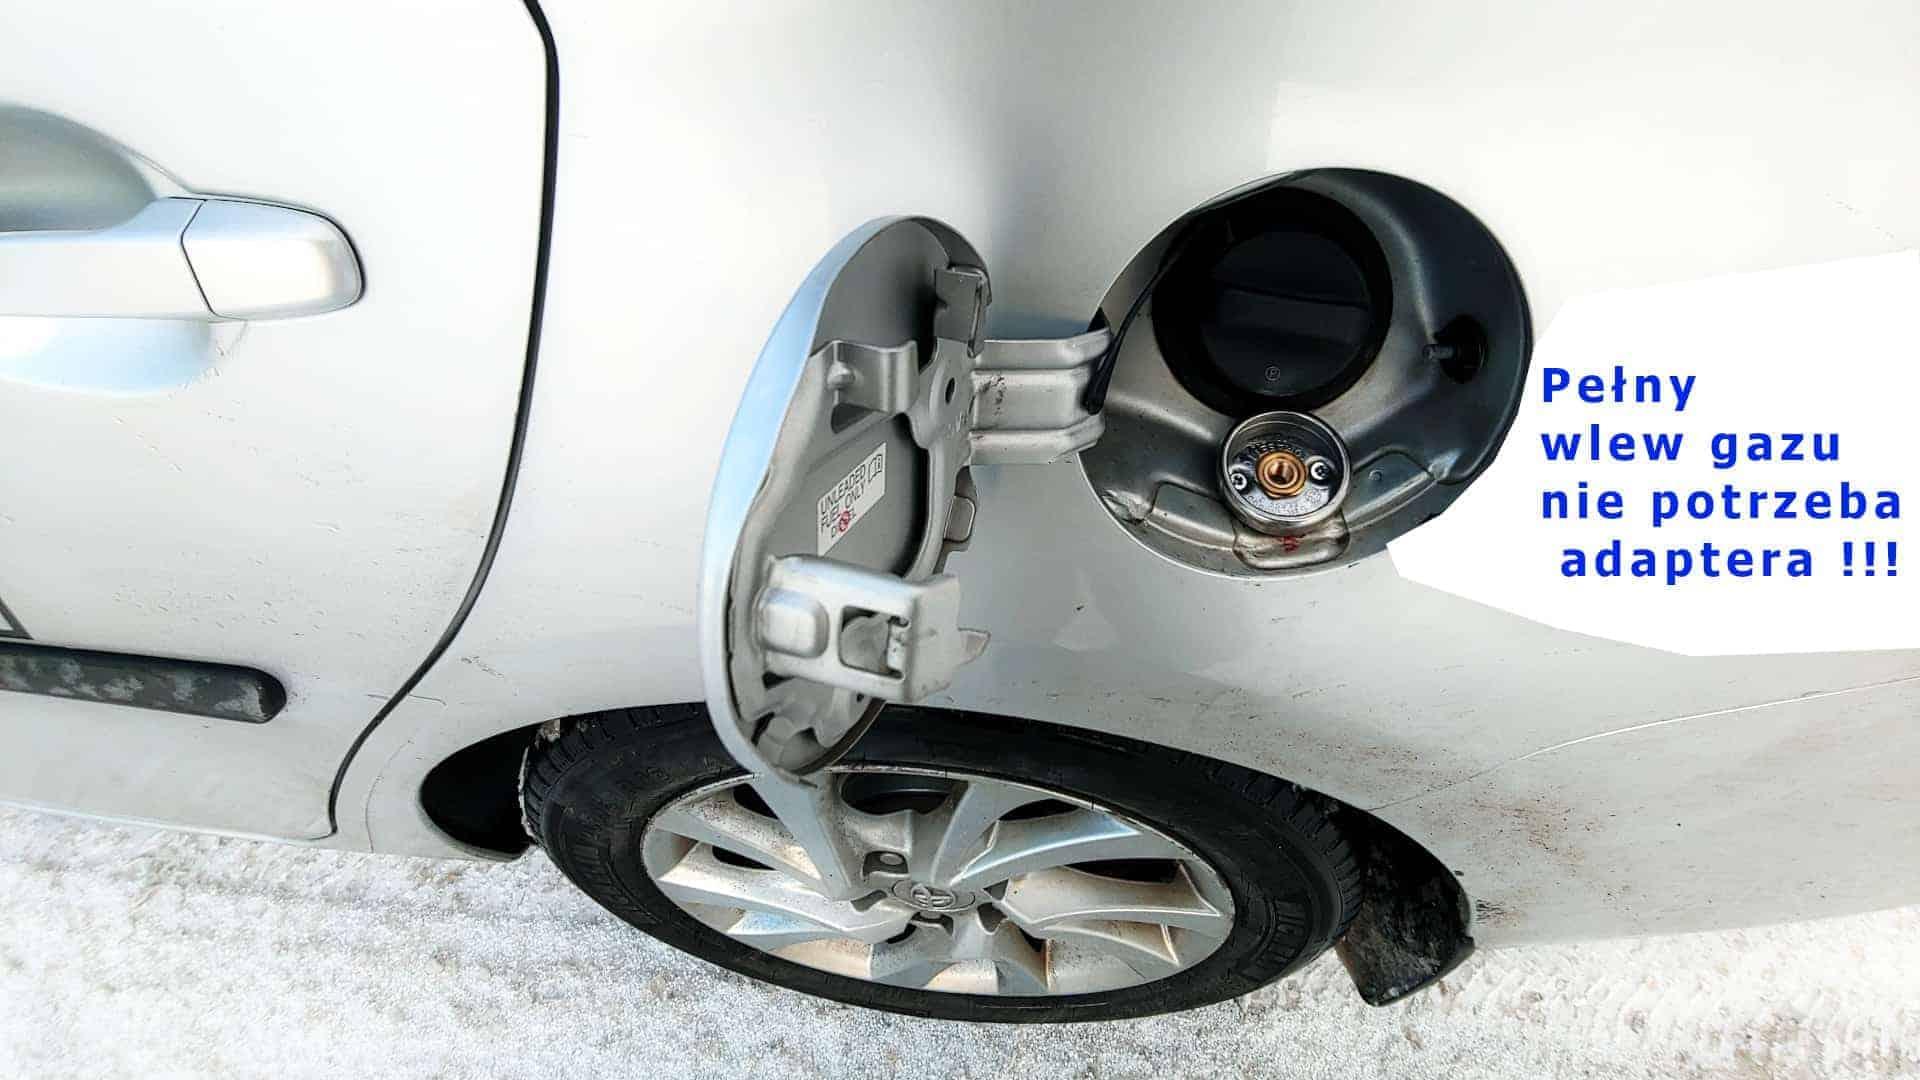 wlew gazu pod klapką benzyny Toyota Auris Hybrid